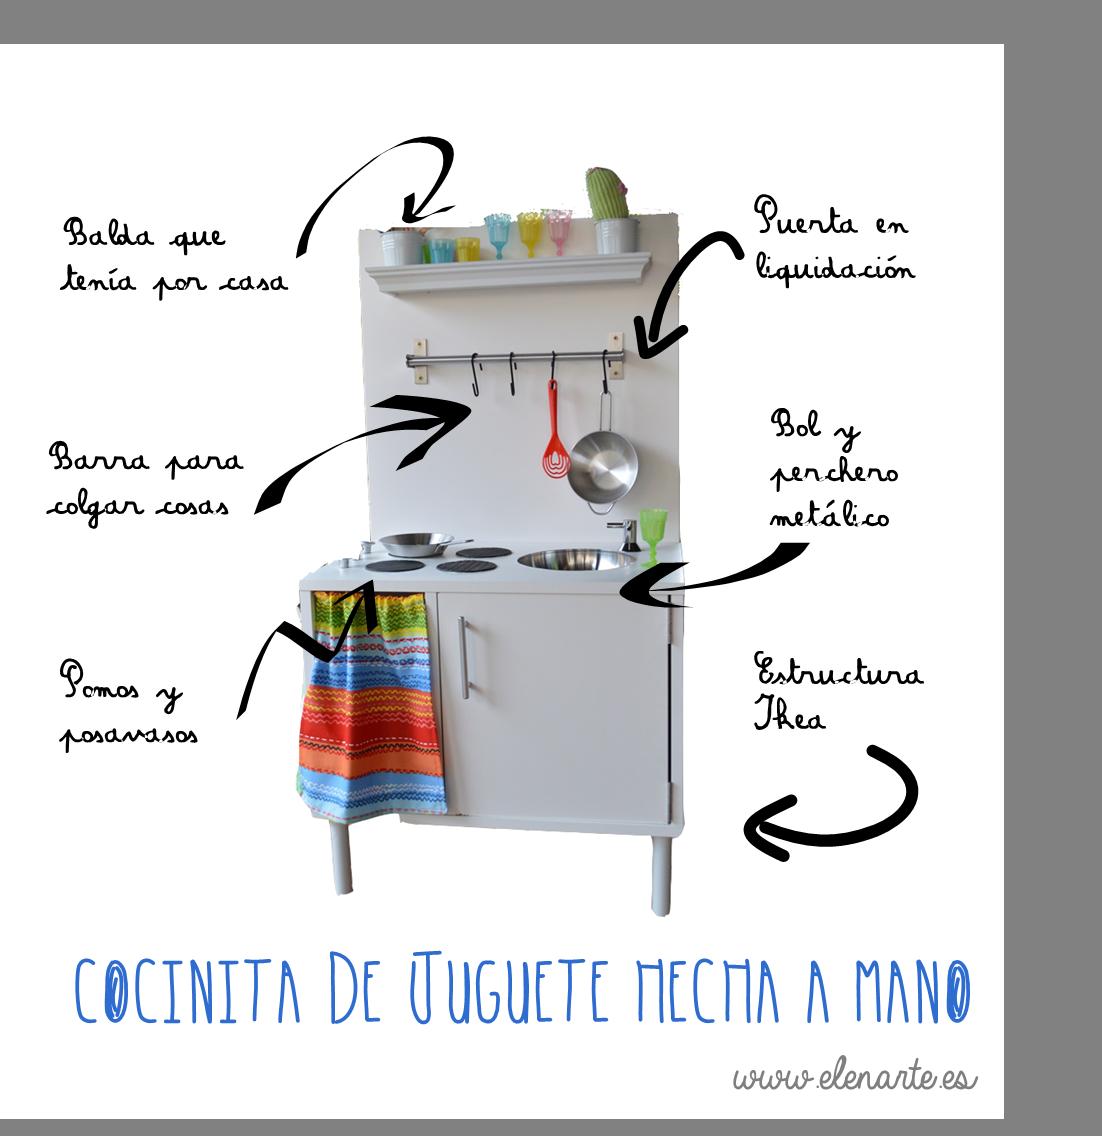 cocinita de juguete hecha a mano | COCINA INFANTIL | Pinterest ...